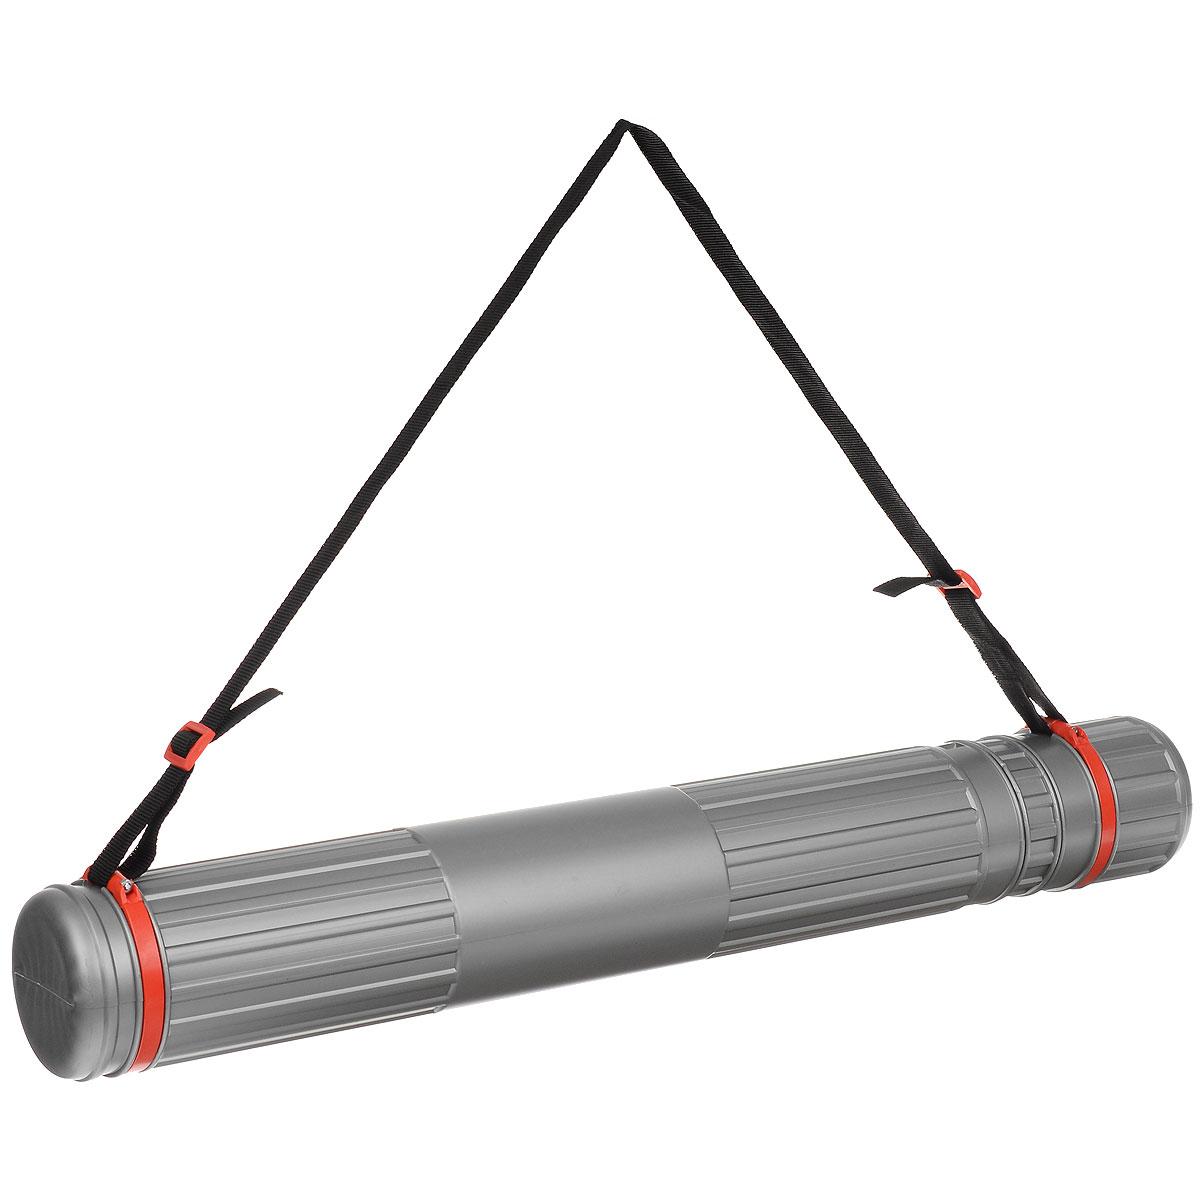 Тубус телескопический  Стамм , на ремне, цвет: серый, красный, 9 cм